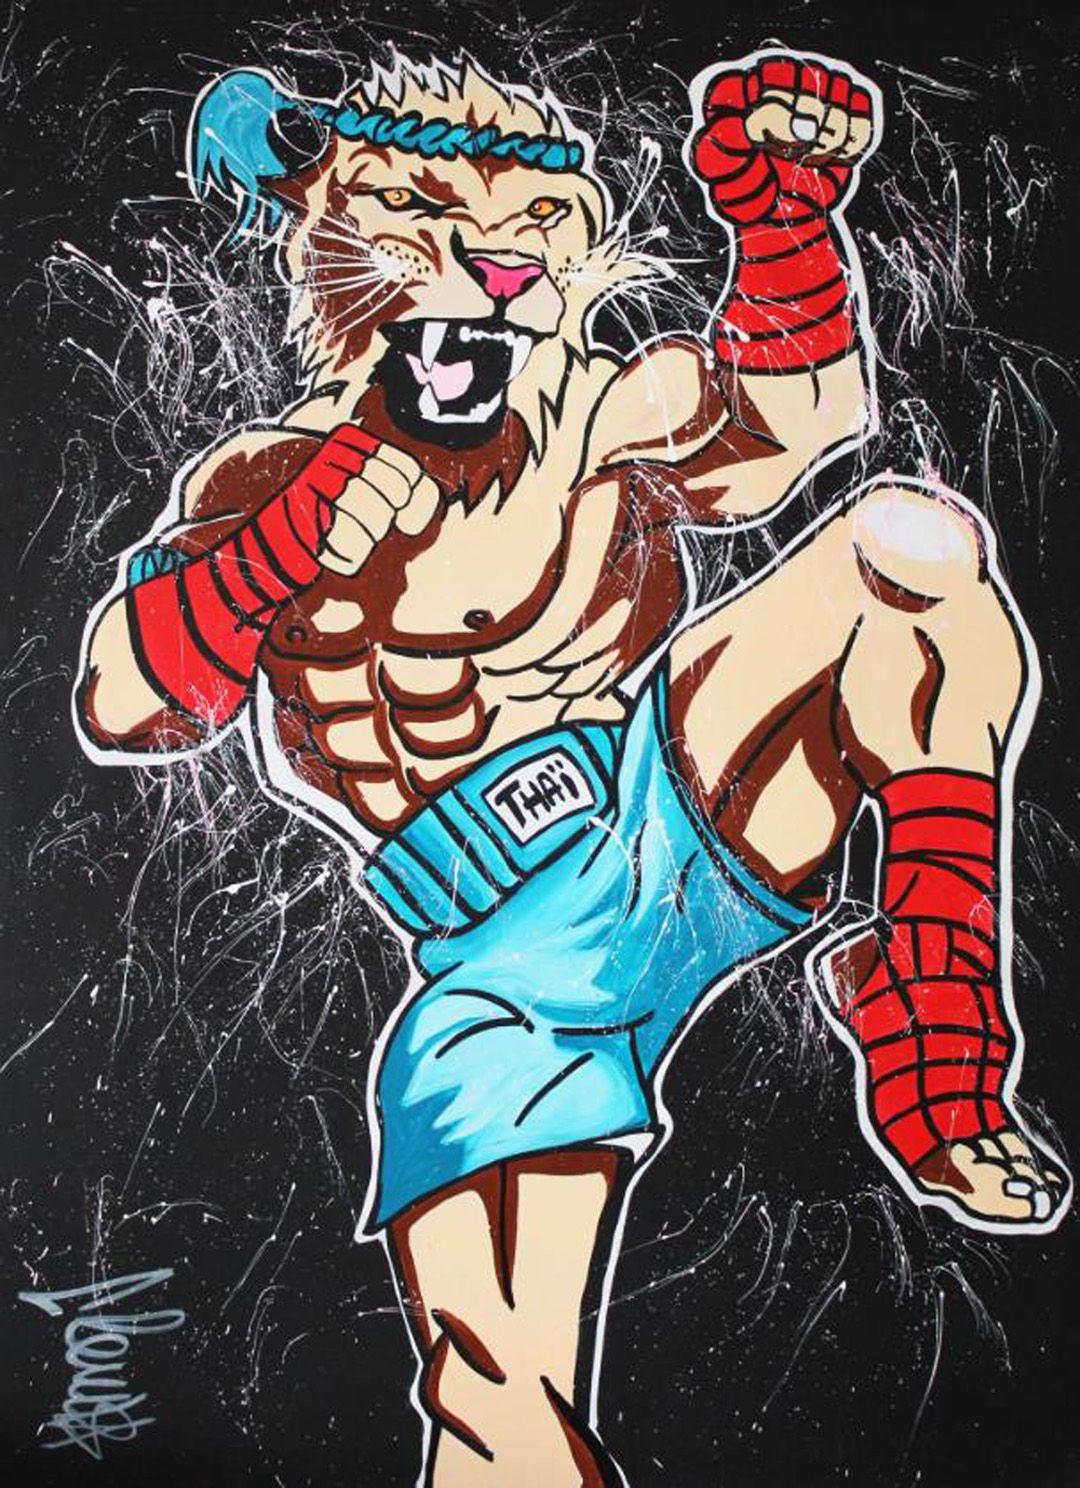 Clem $ Thai Lion Home Украшение Домашнего Дома H HD Печать Маслом Картина на холсте Настенное искусство Холст Фотографии 200